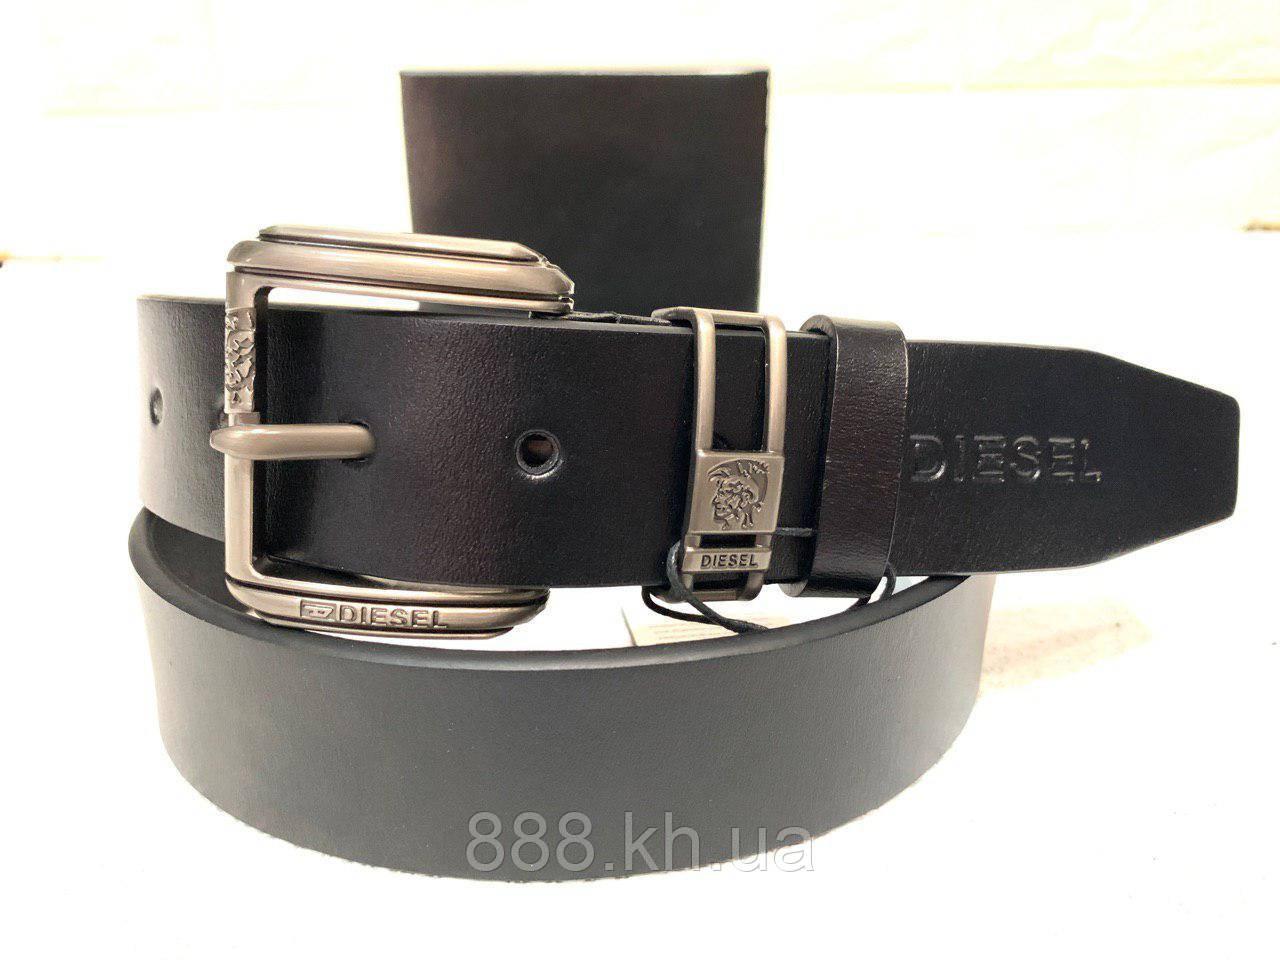 Мужской кожаный ремень Diesel, черный ремень